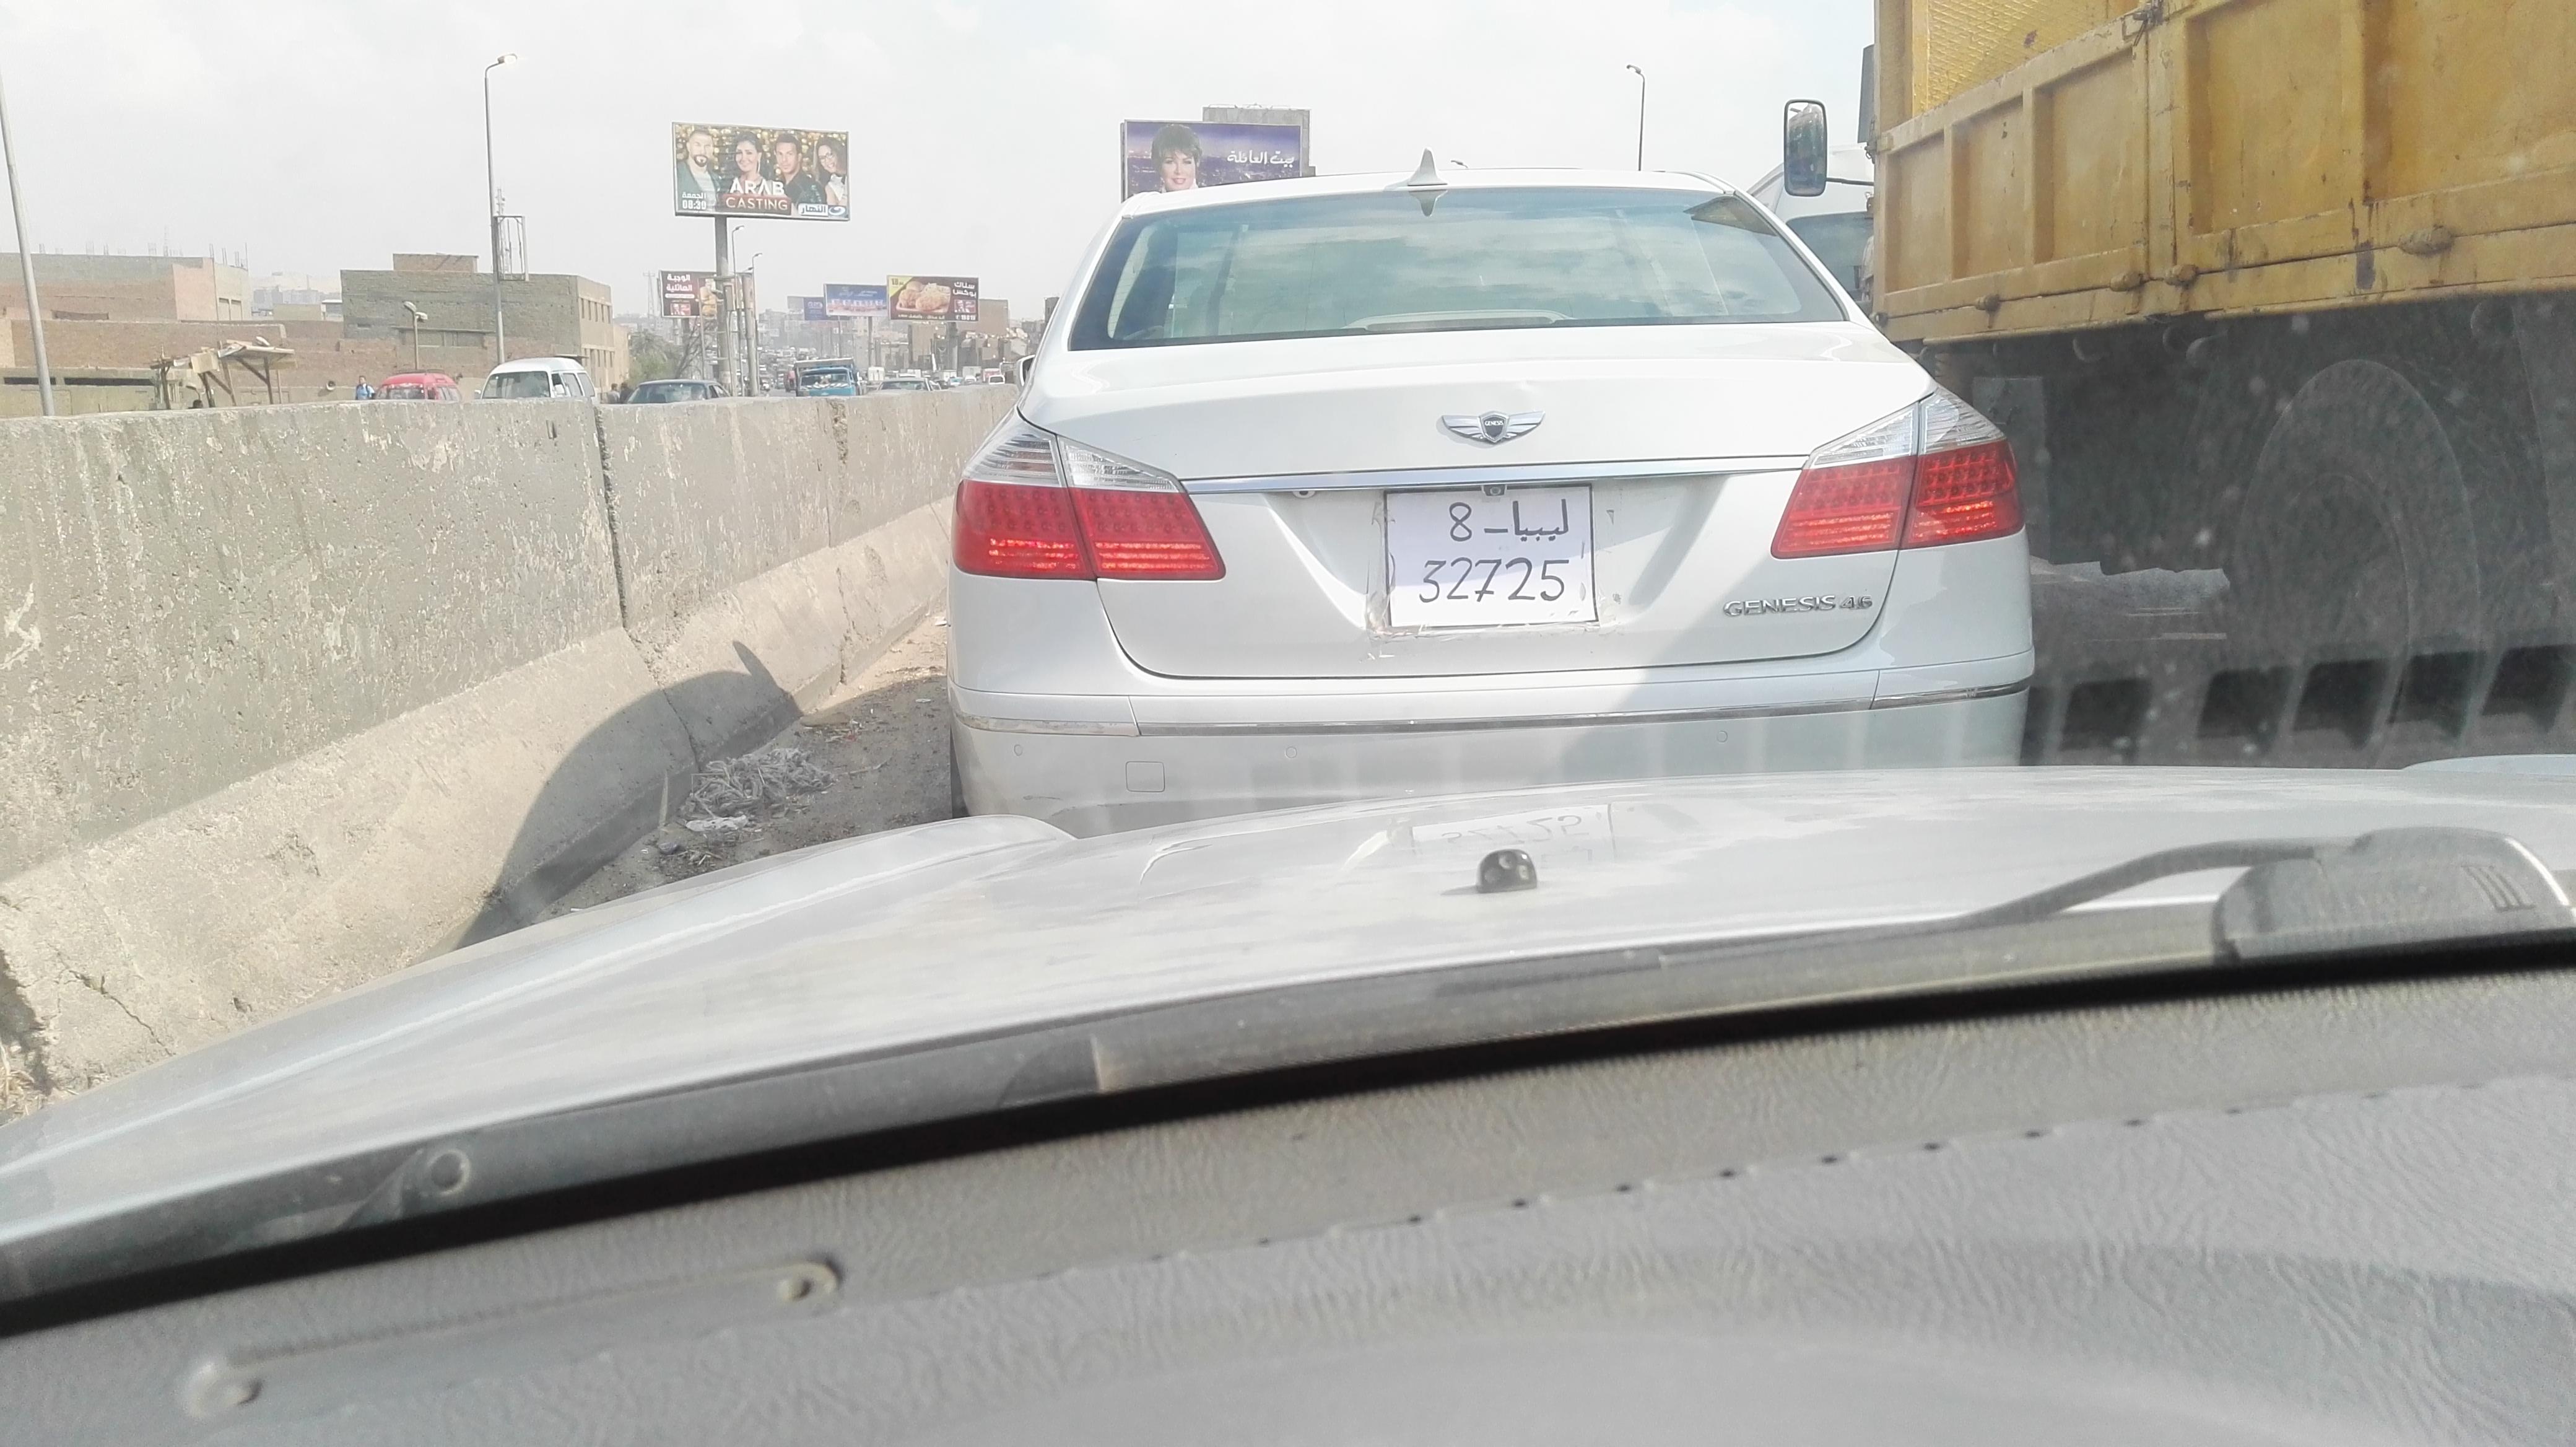 سيارة بلوحات ورقية وارقام ليبية فى وضح النهار بالقاهرة